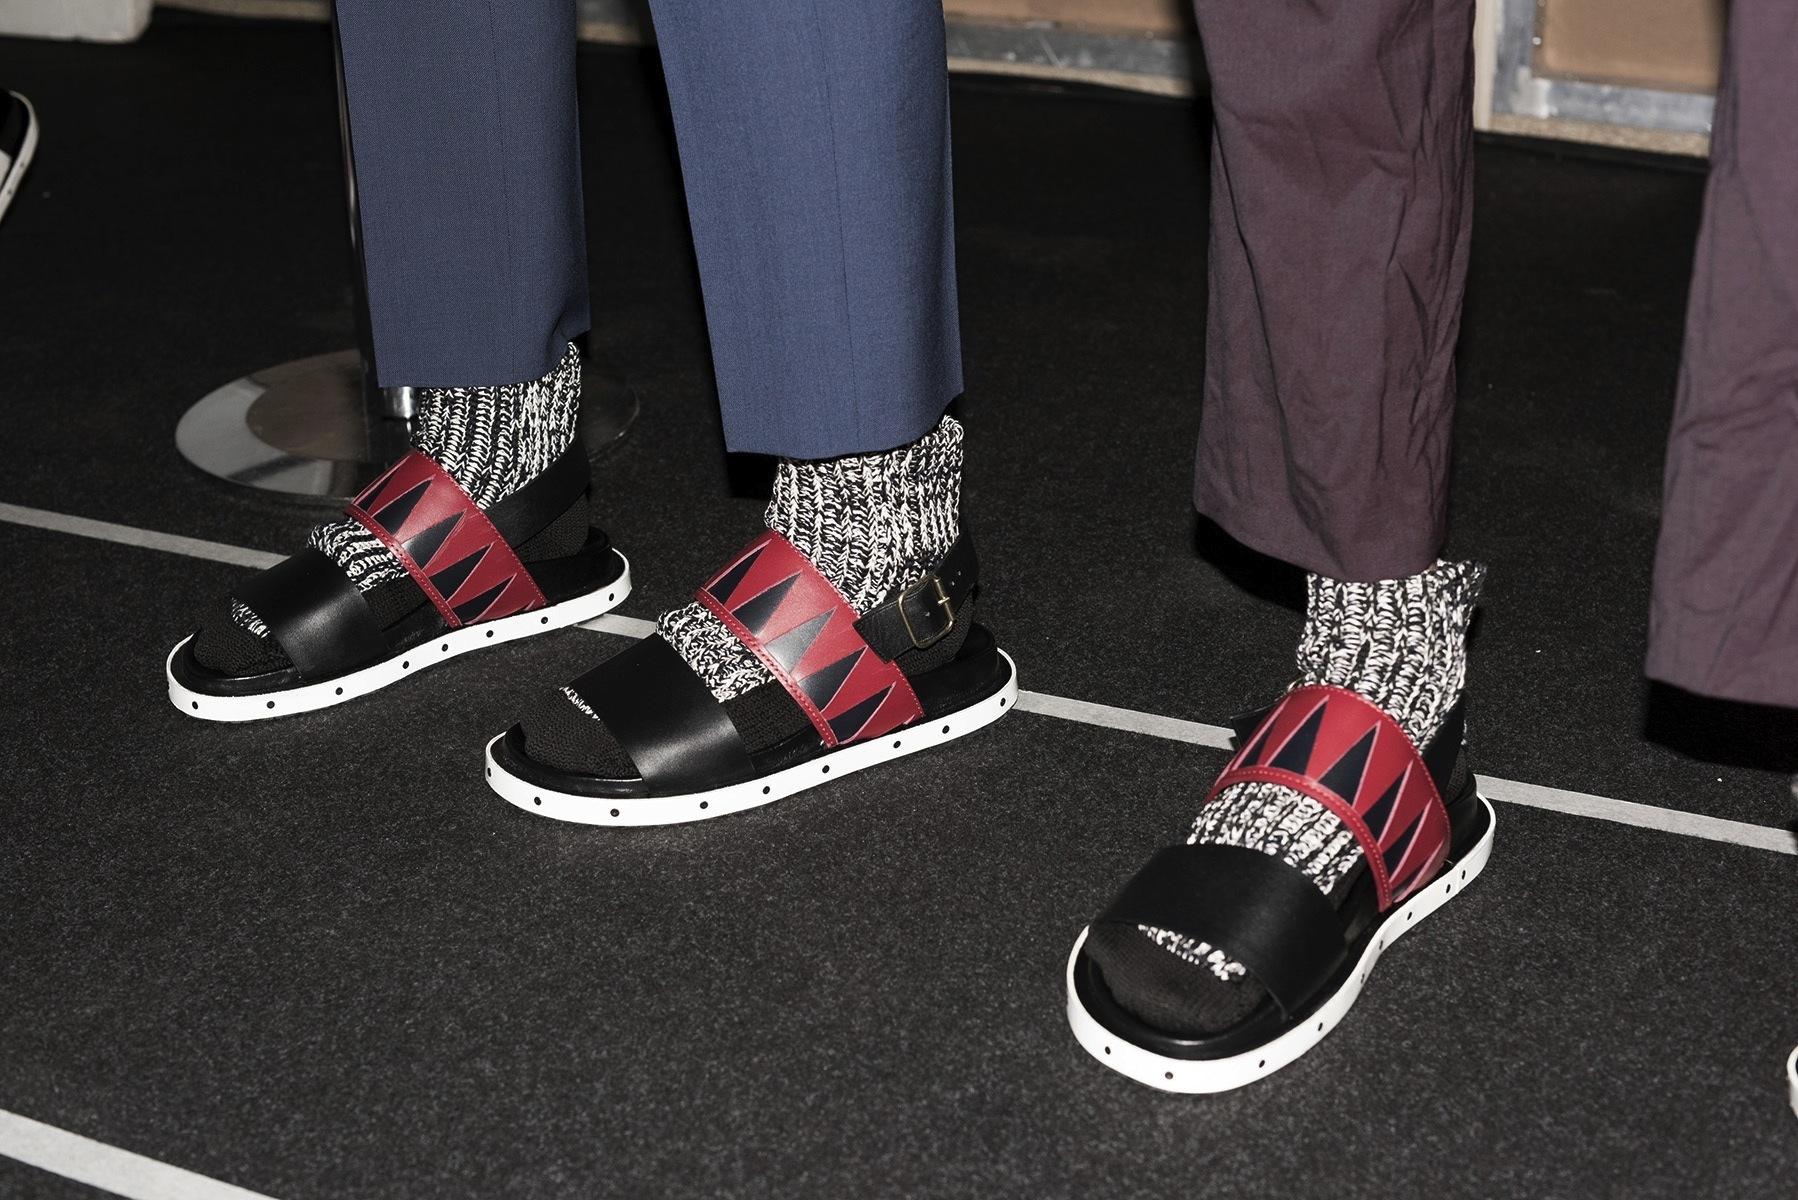 D Calcetines En A Con Moda Las I Están Milán La Sandalias Oficialmente LqSUpGzMV